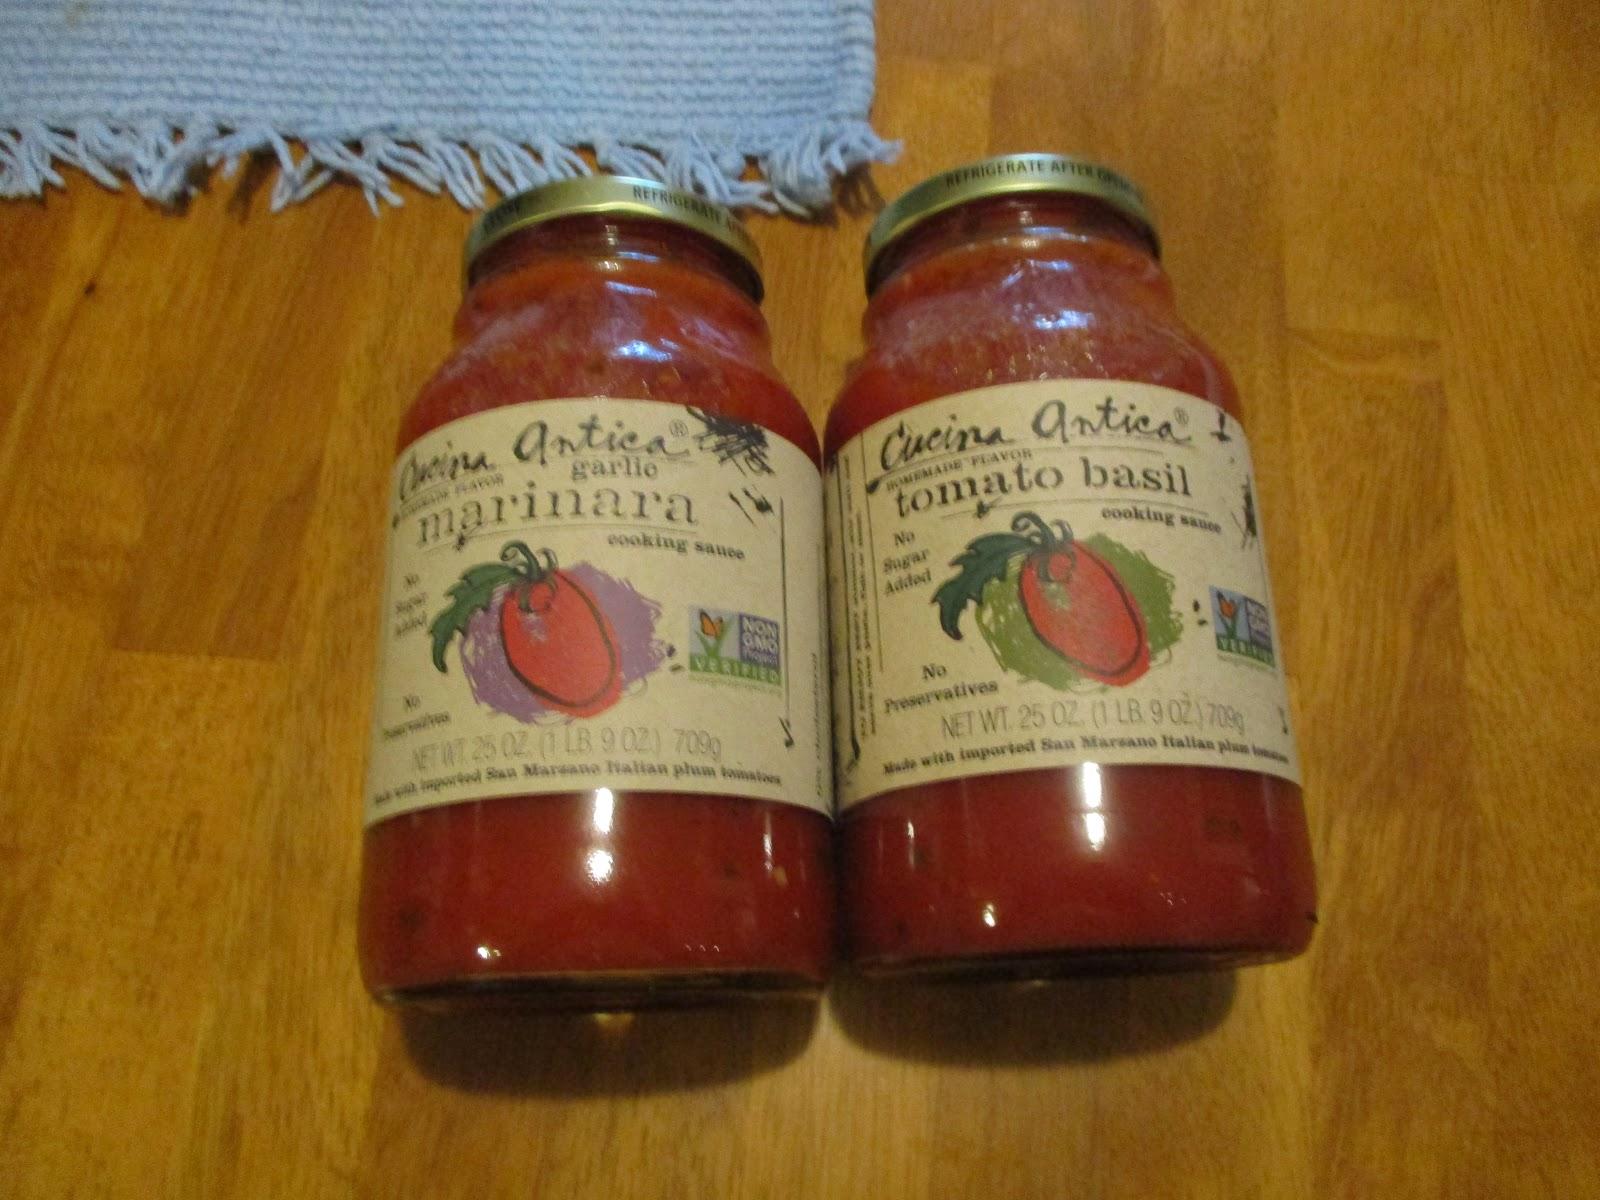 Missys Product Reviews Cucina Antica Tomato Basil Garlic Marinara